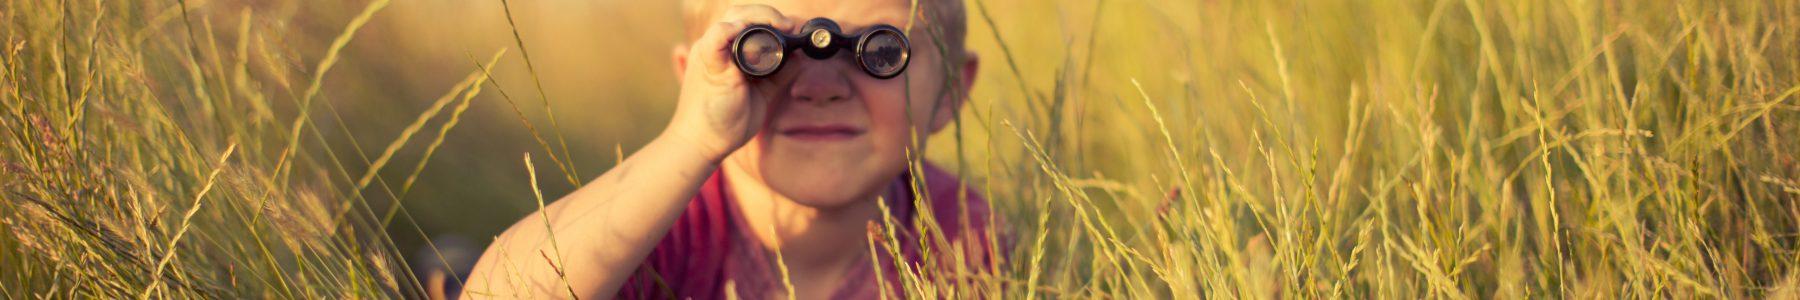 Kind versteckt sich und blickt durch ein Fernrohr - ©RichVintage - iStock.com